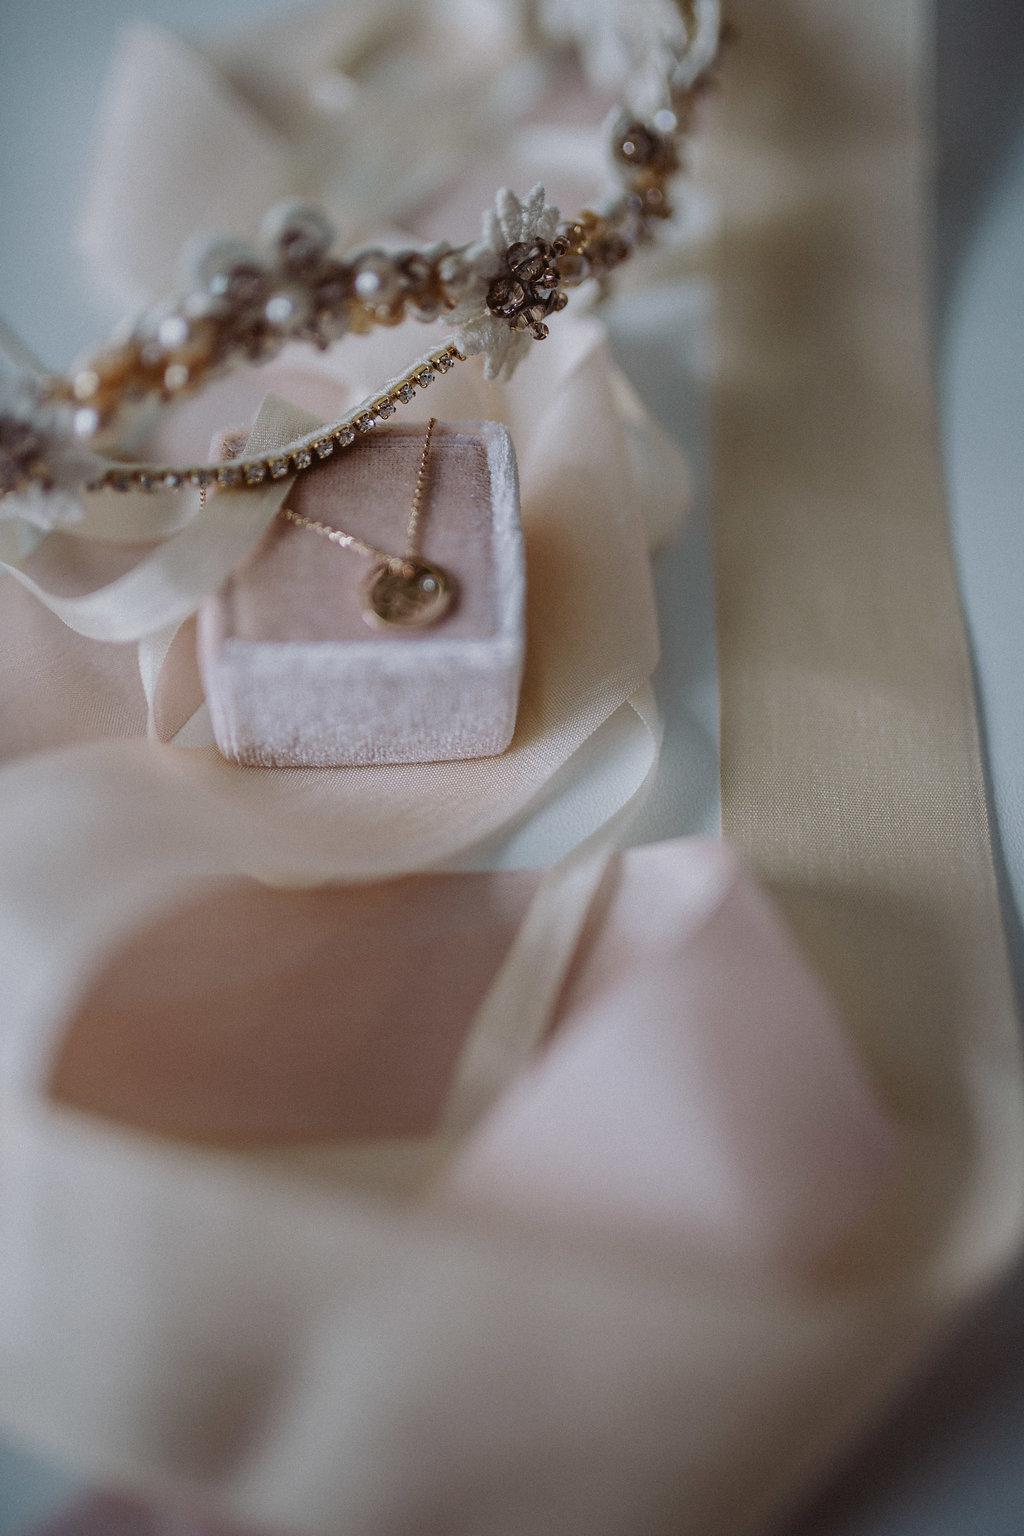 Jewellery Rosegold Kette Schmuck Schneider Juwelier